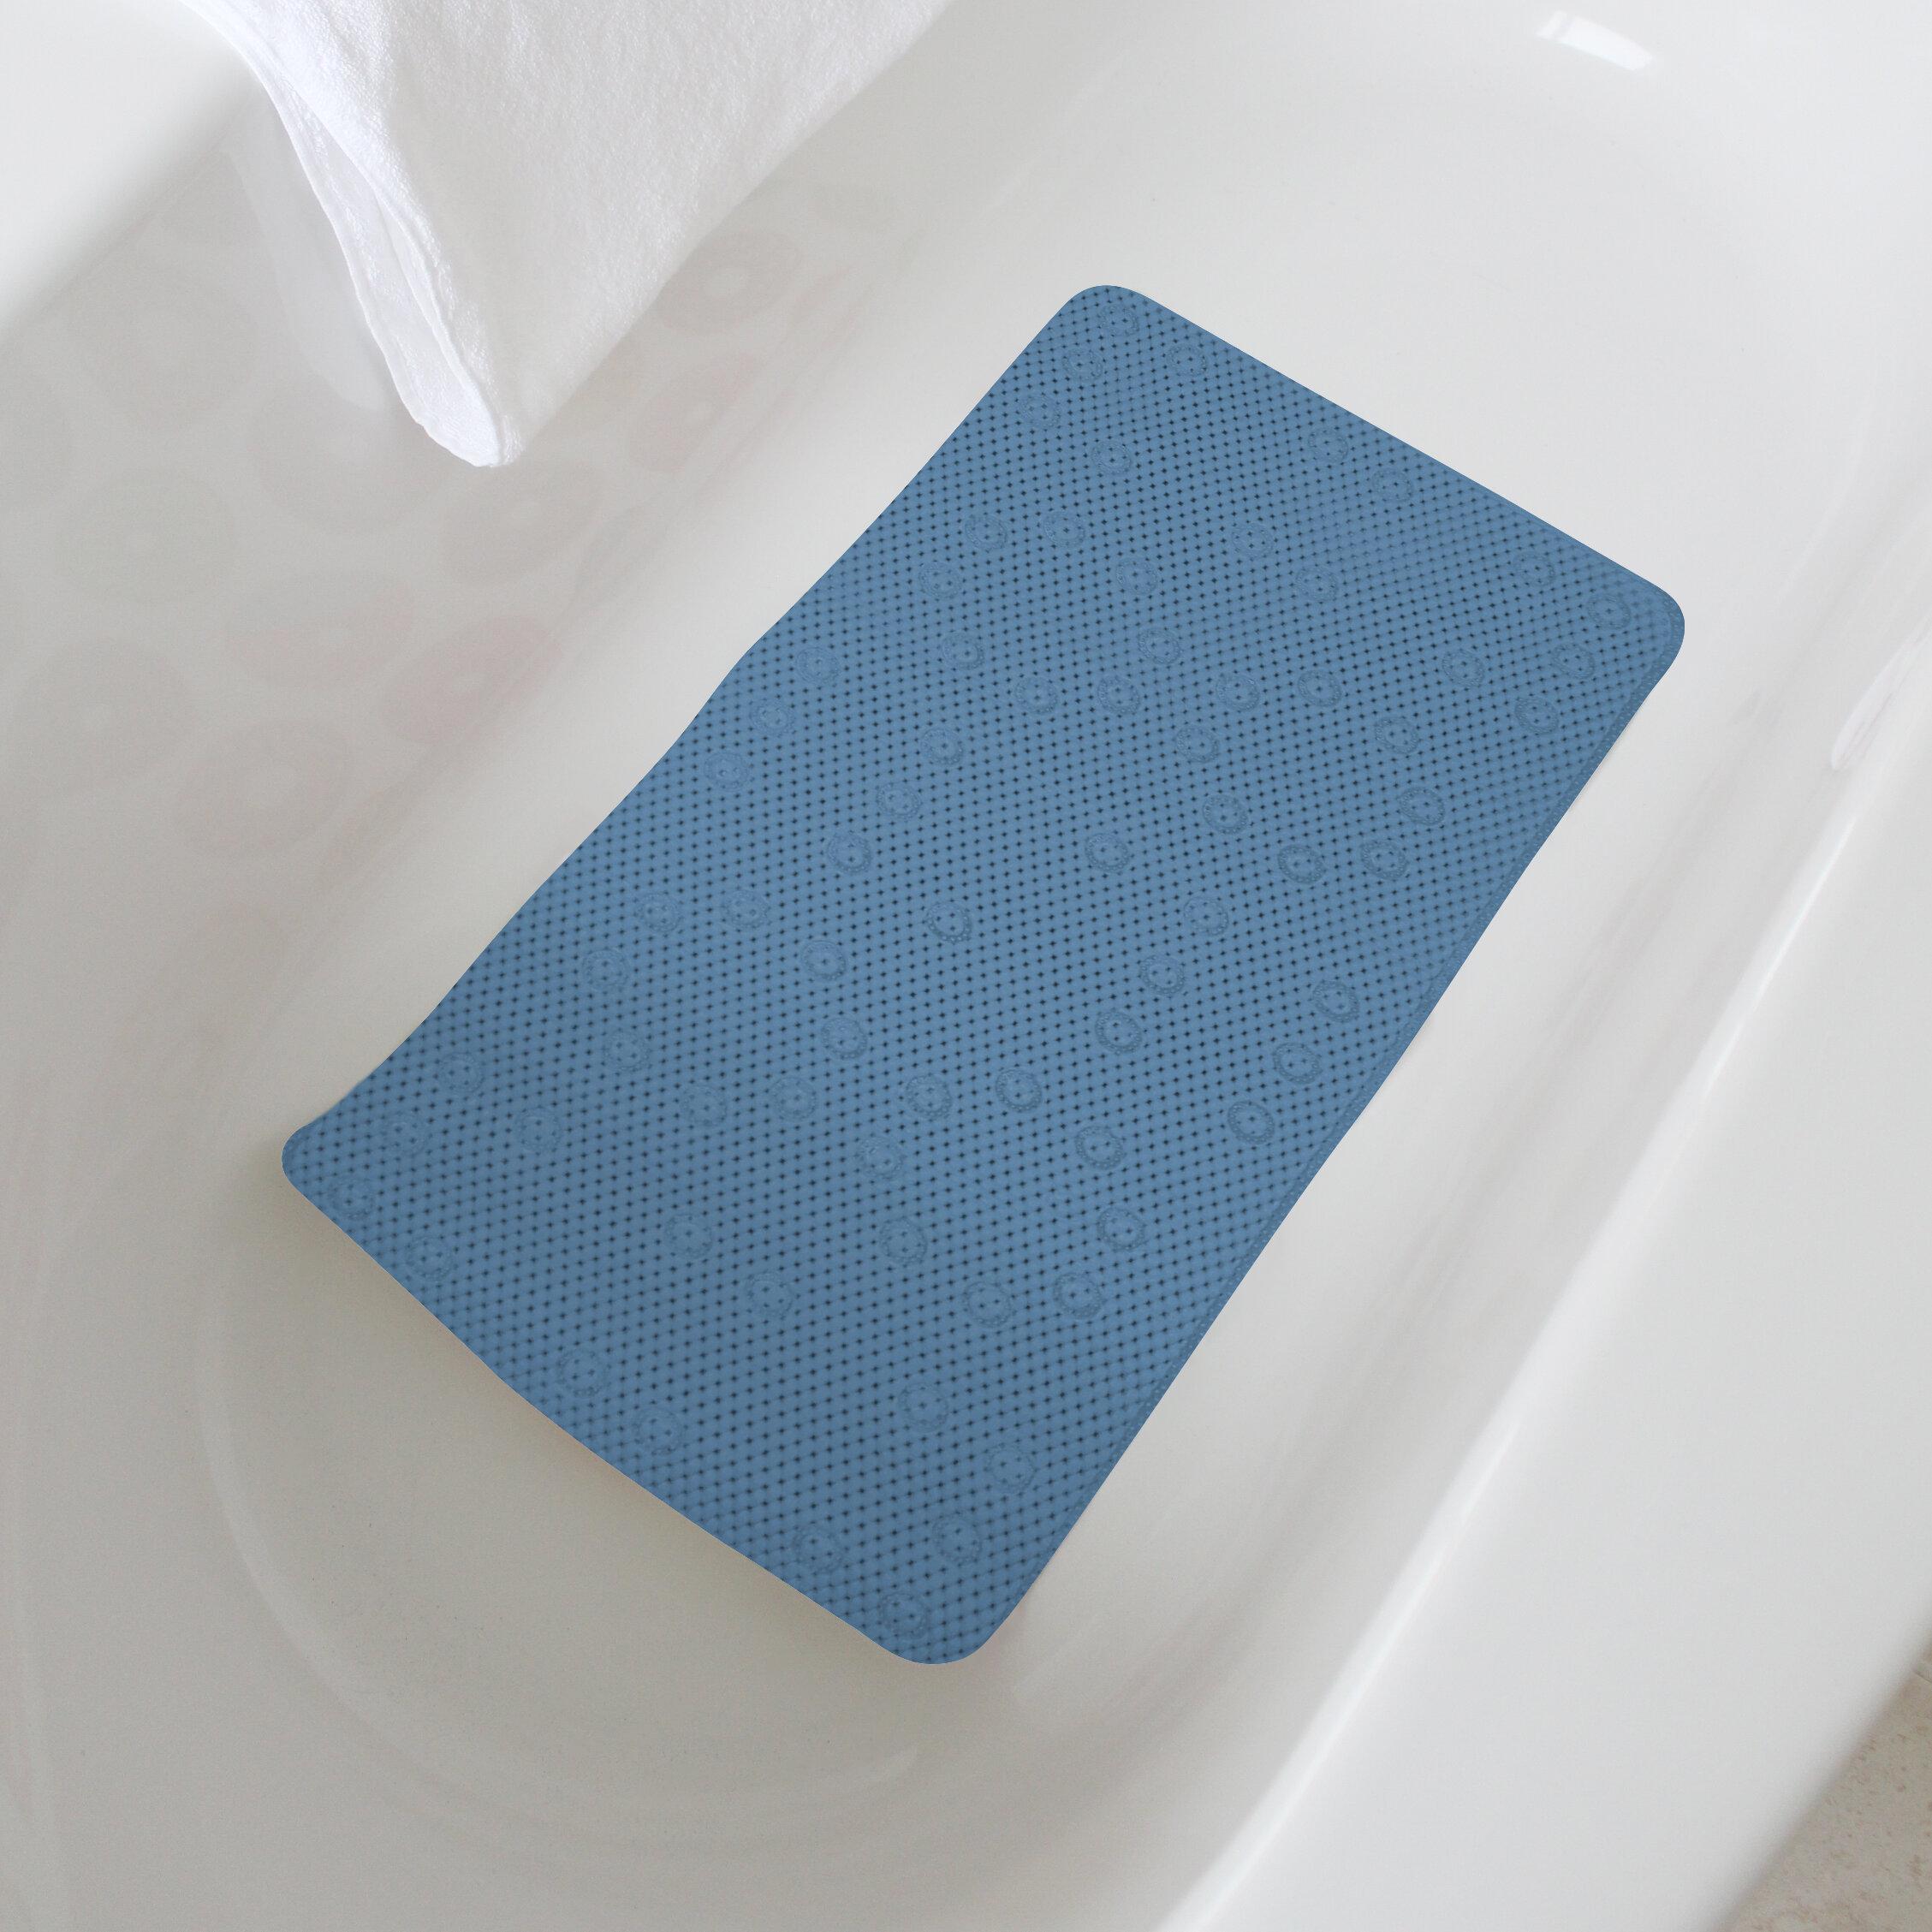 BATH SHOWER MAT BATHROOM NON SLIP FLEXIBLE PVC MATS SHOWER ROOM PREVENTS SLIP